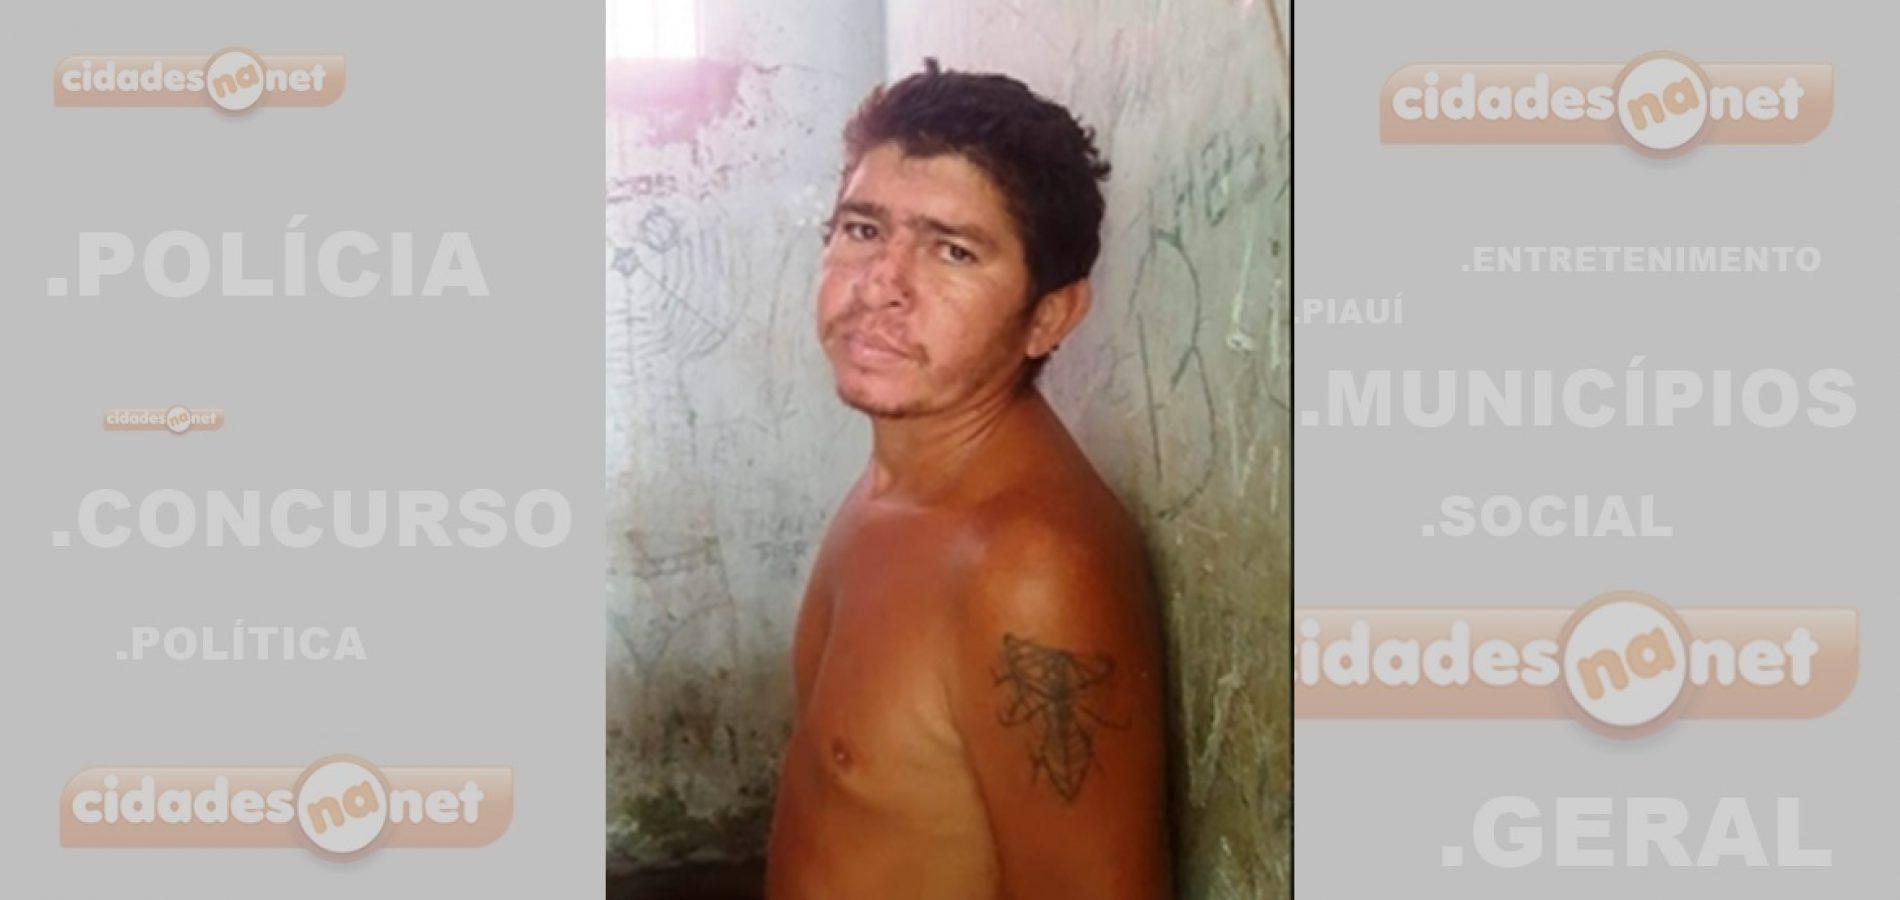 Homem é preso após ameaçar a mãe idosa e destruir pertences da casa